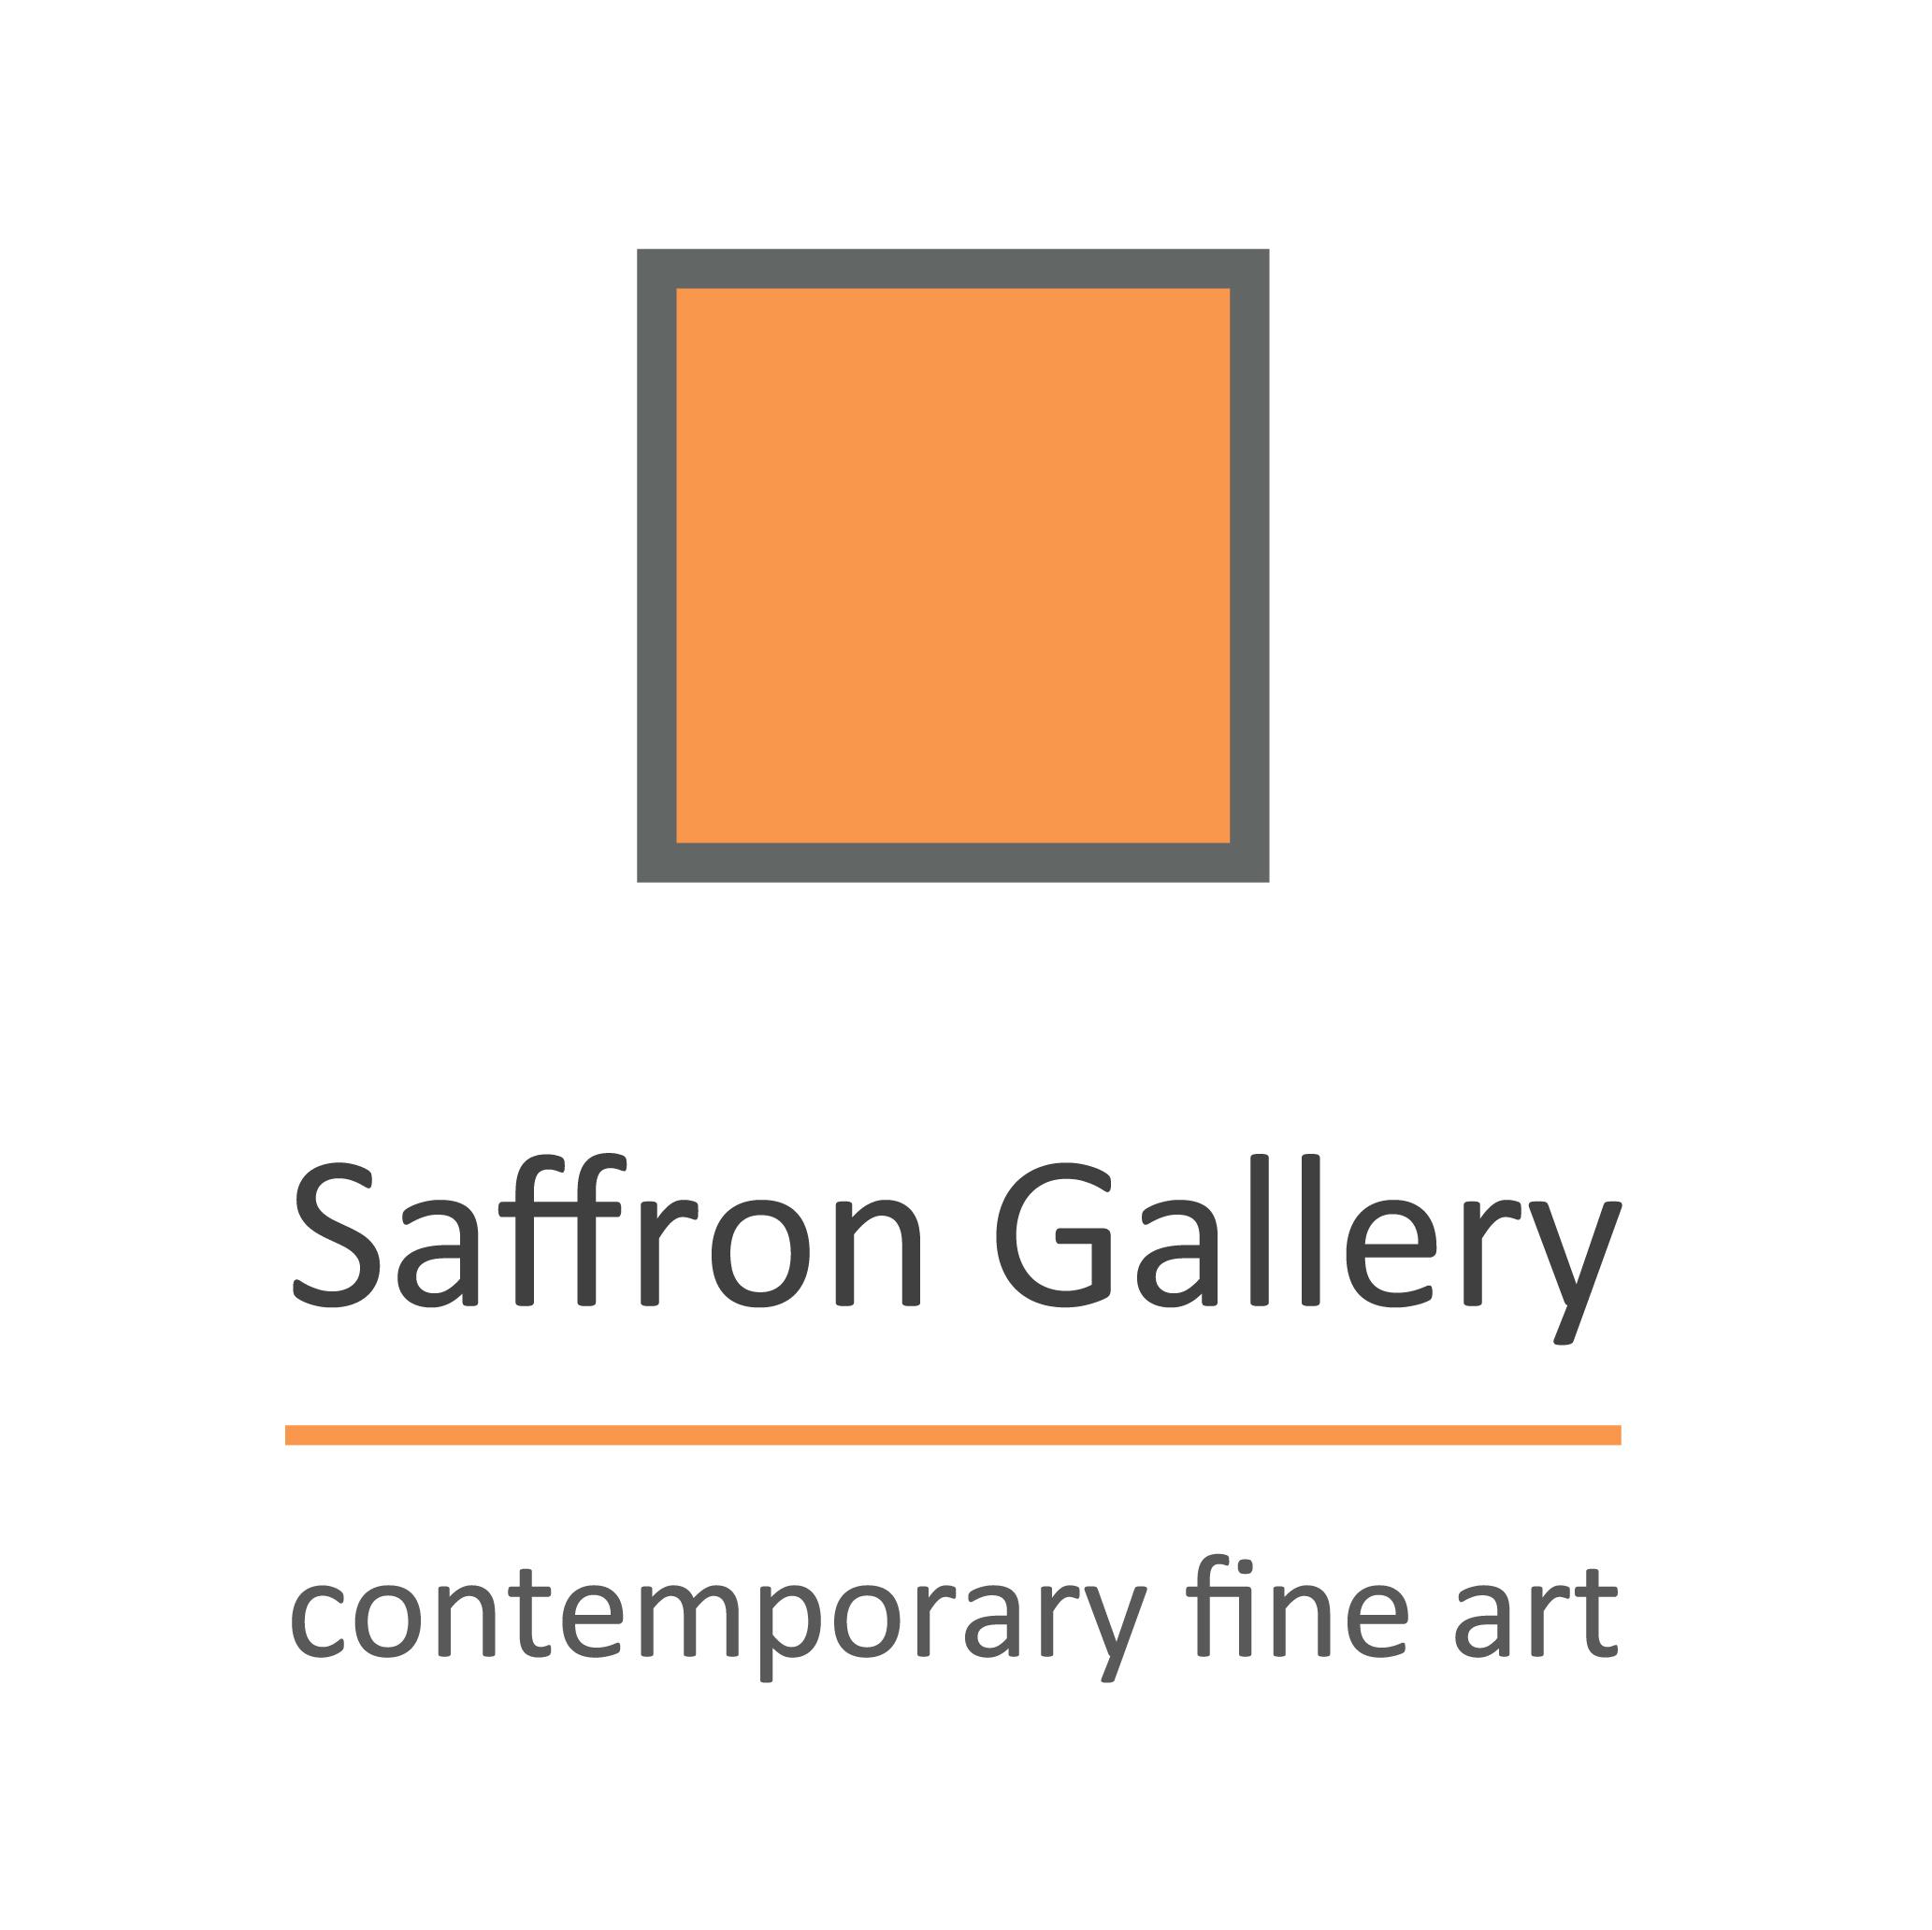 Saffron Gallery